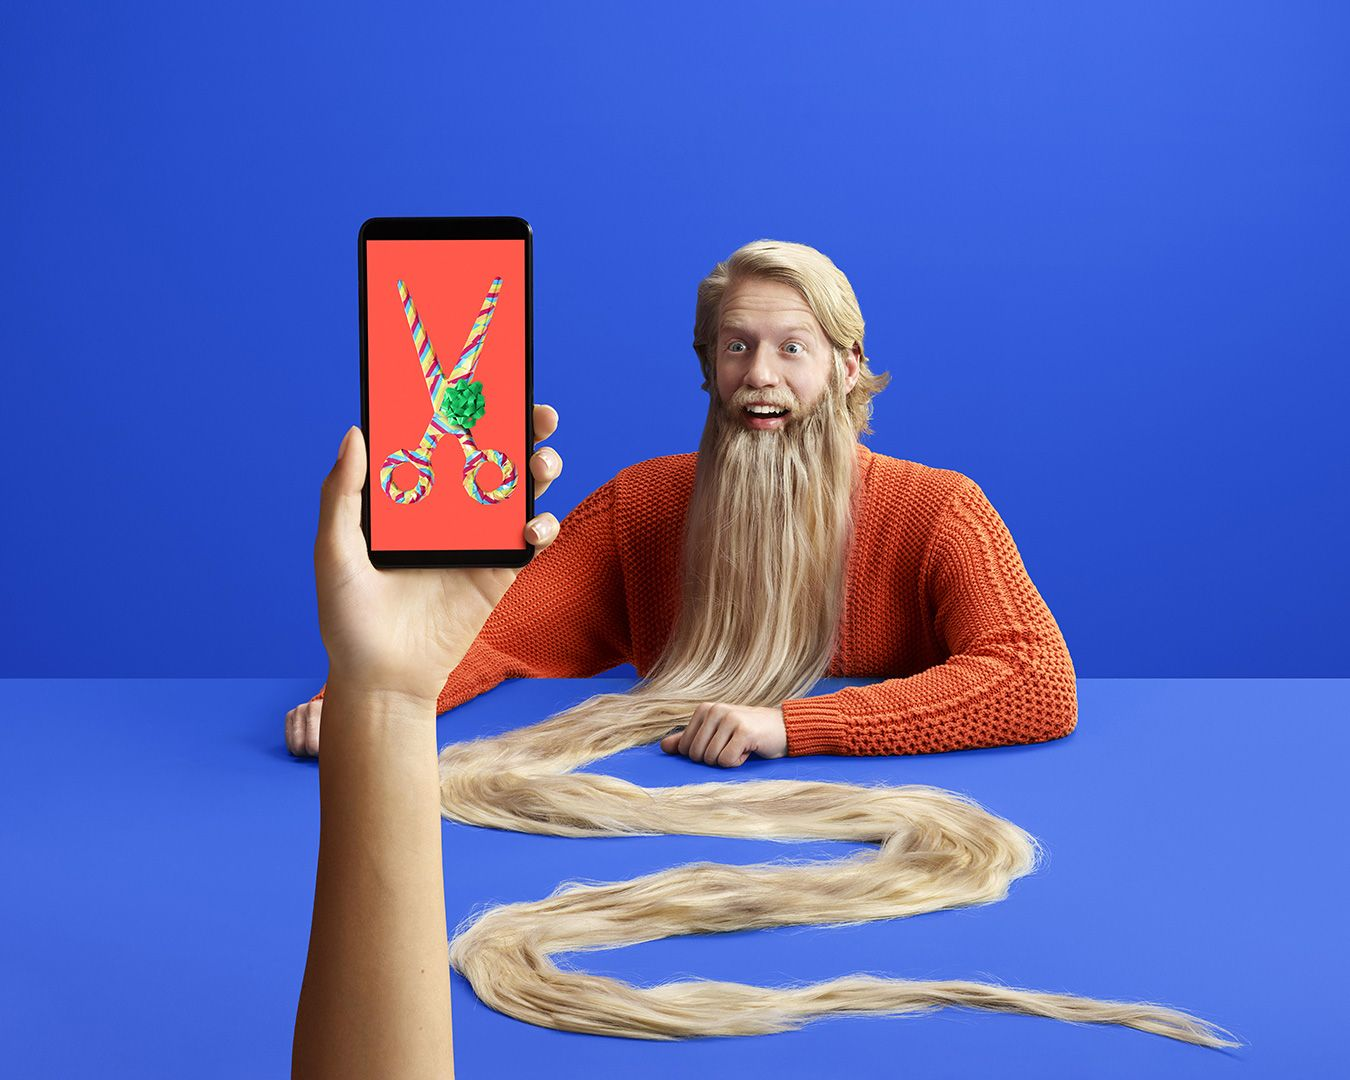 montage surréaliste d'un homme avec une très longue barbe et une main tenant un téléphone mobile affichant une paire de ciseaux par Simon Duhamel pour Fizz